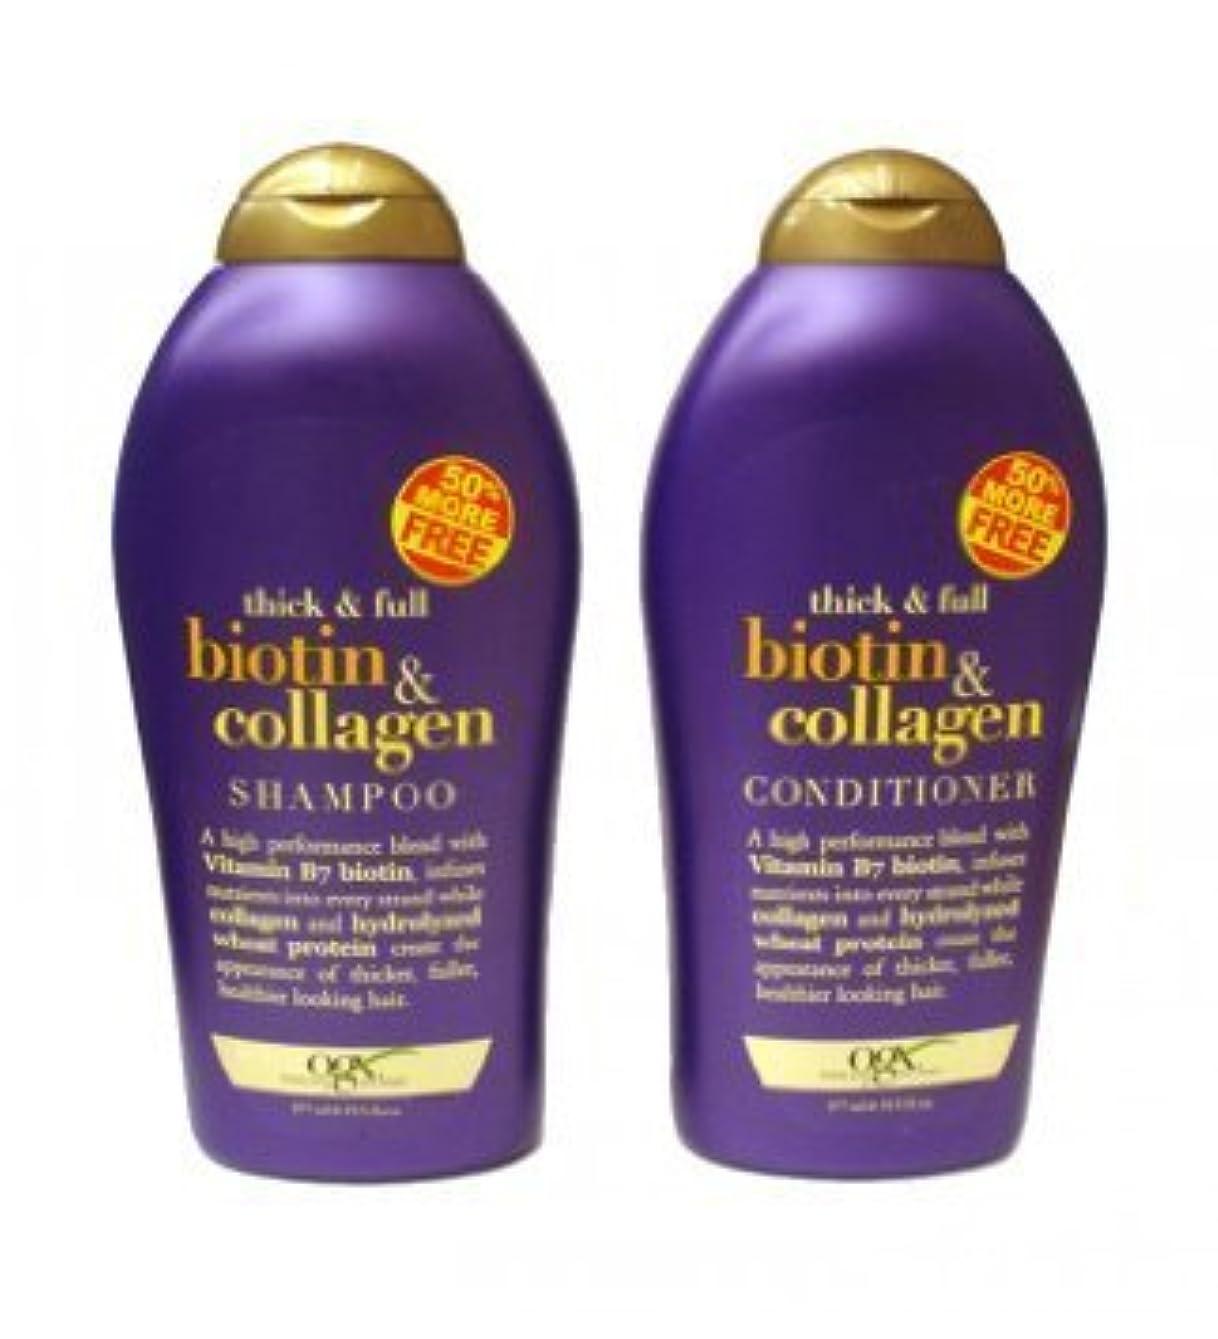 レンドクレジット退化するOGX (Thick & Full) Biotin & Collagen Shampoo 19.5oz + Conditioner 19.5oz Duo-Set [並行輸入品]